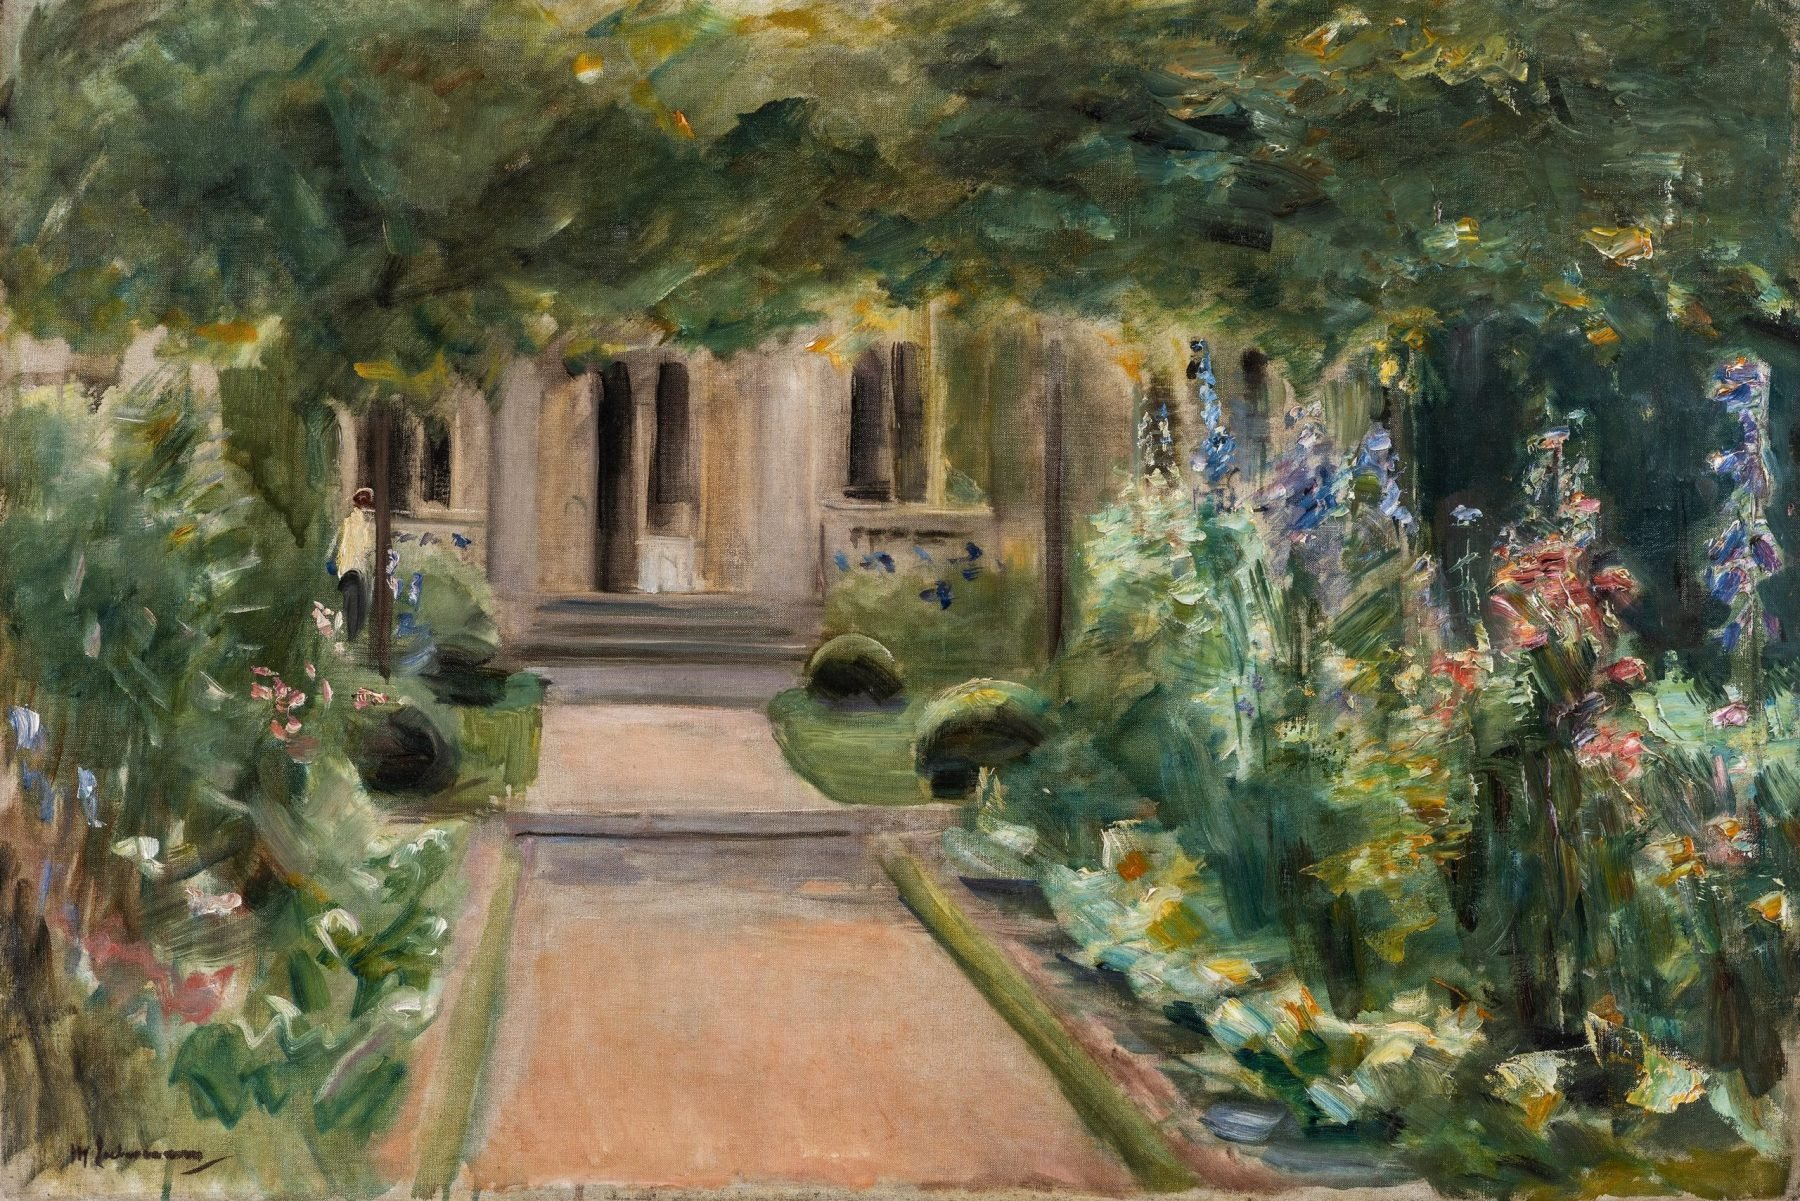 Der Blick in dem Gemälde geht aus dem Nutzgarten Richtung Osten und zeigt den Weg hin zur Liebermann-Villa, welcher gesäumt ist von blühenden Beeten.